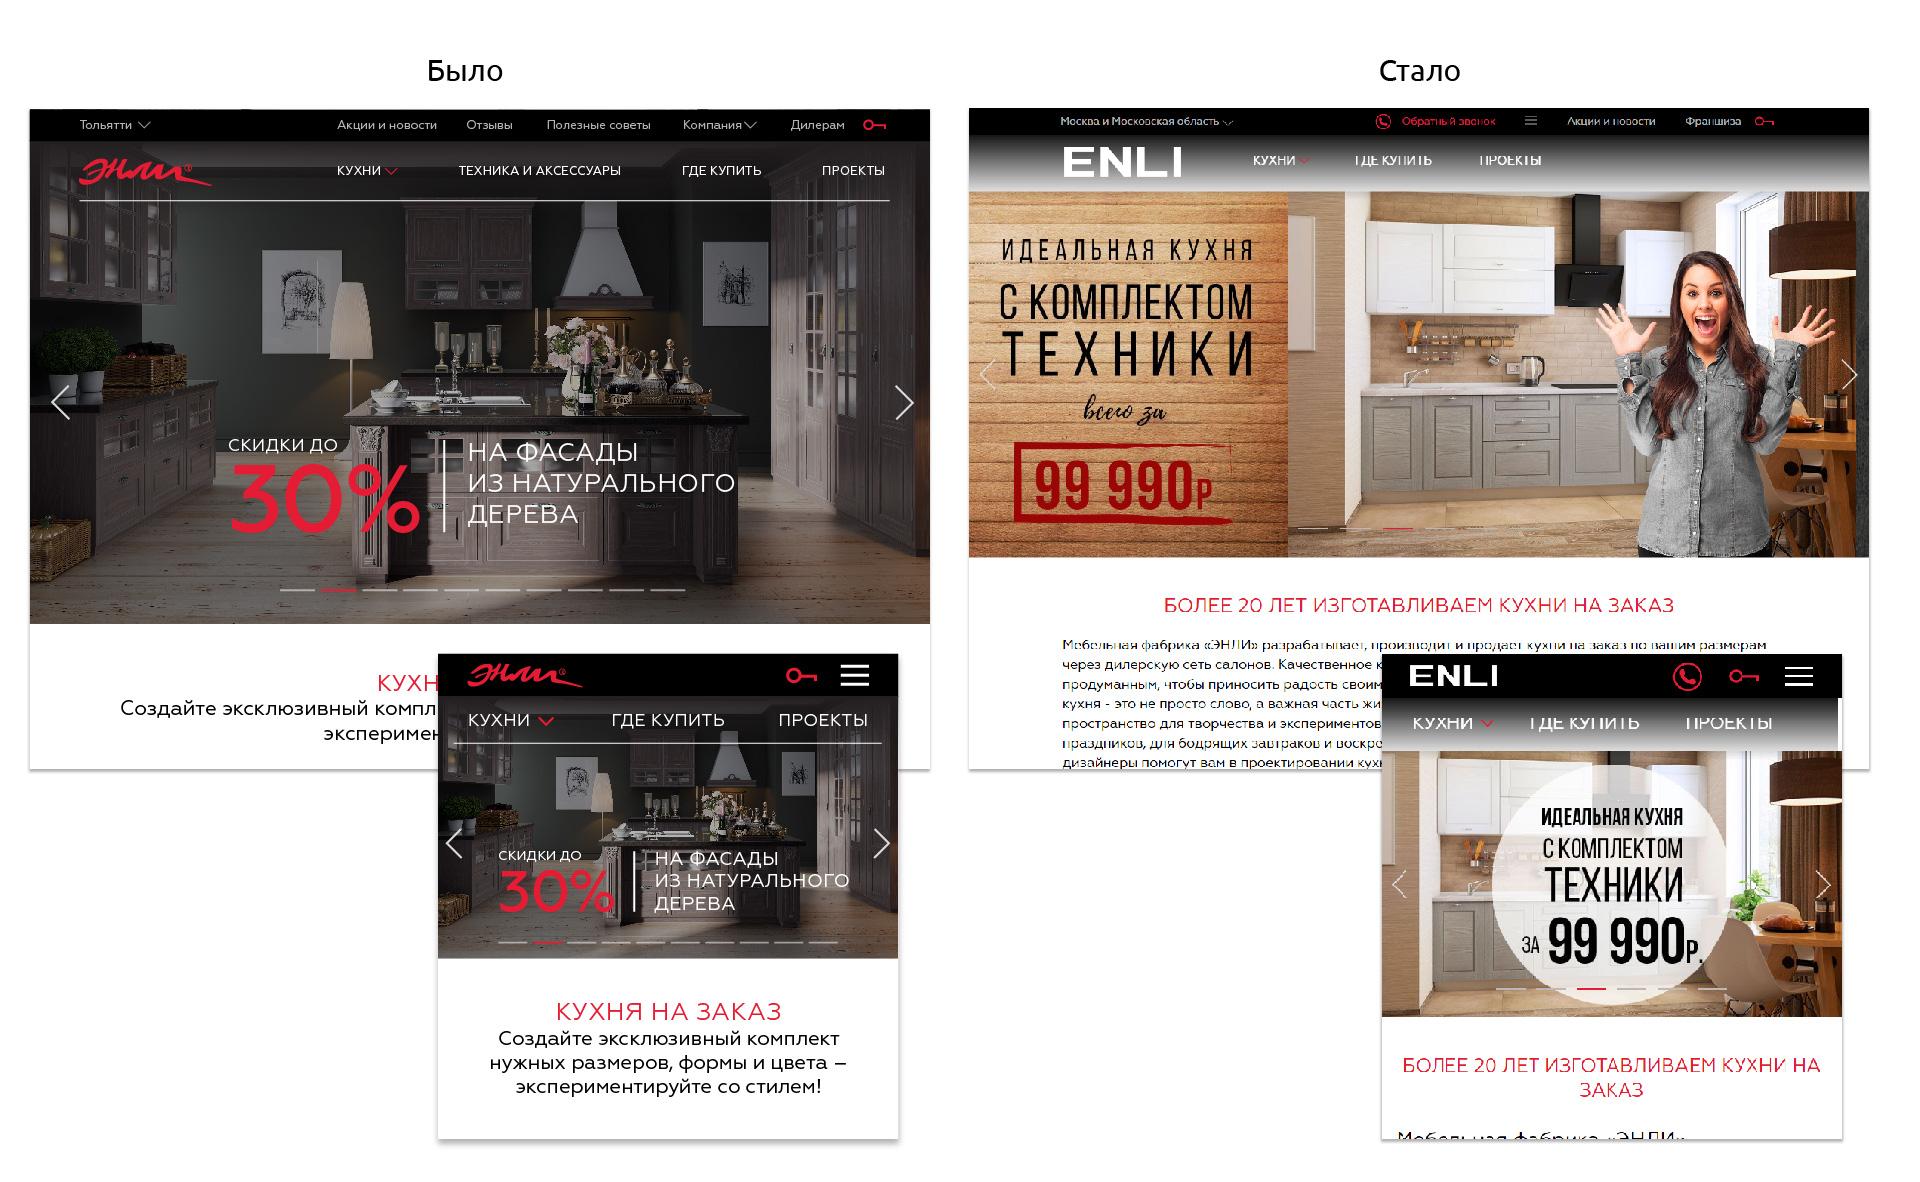 Вид баннера на главной странице сайта